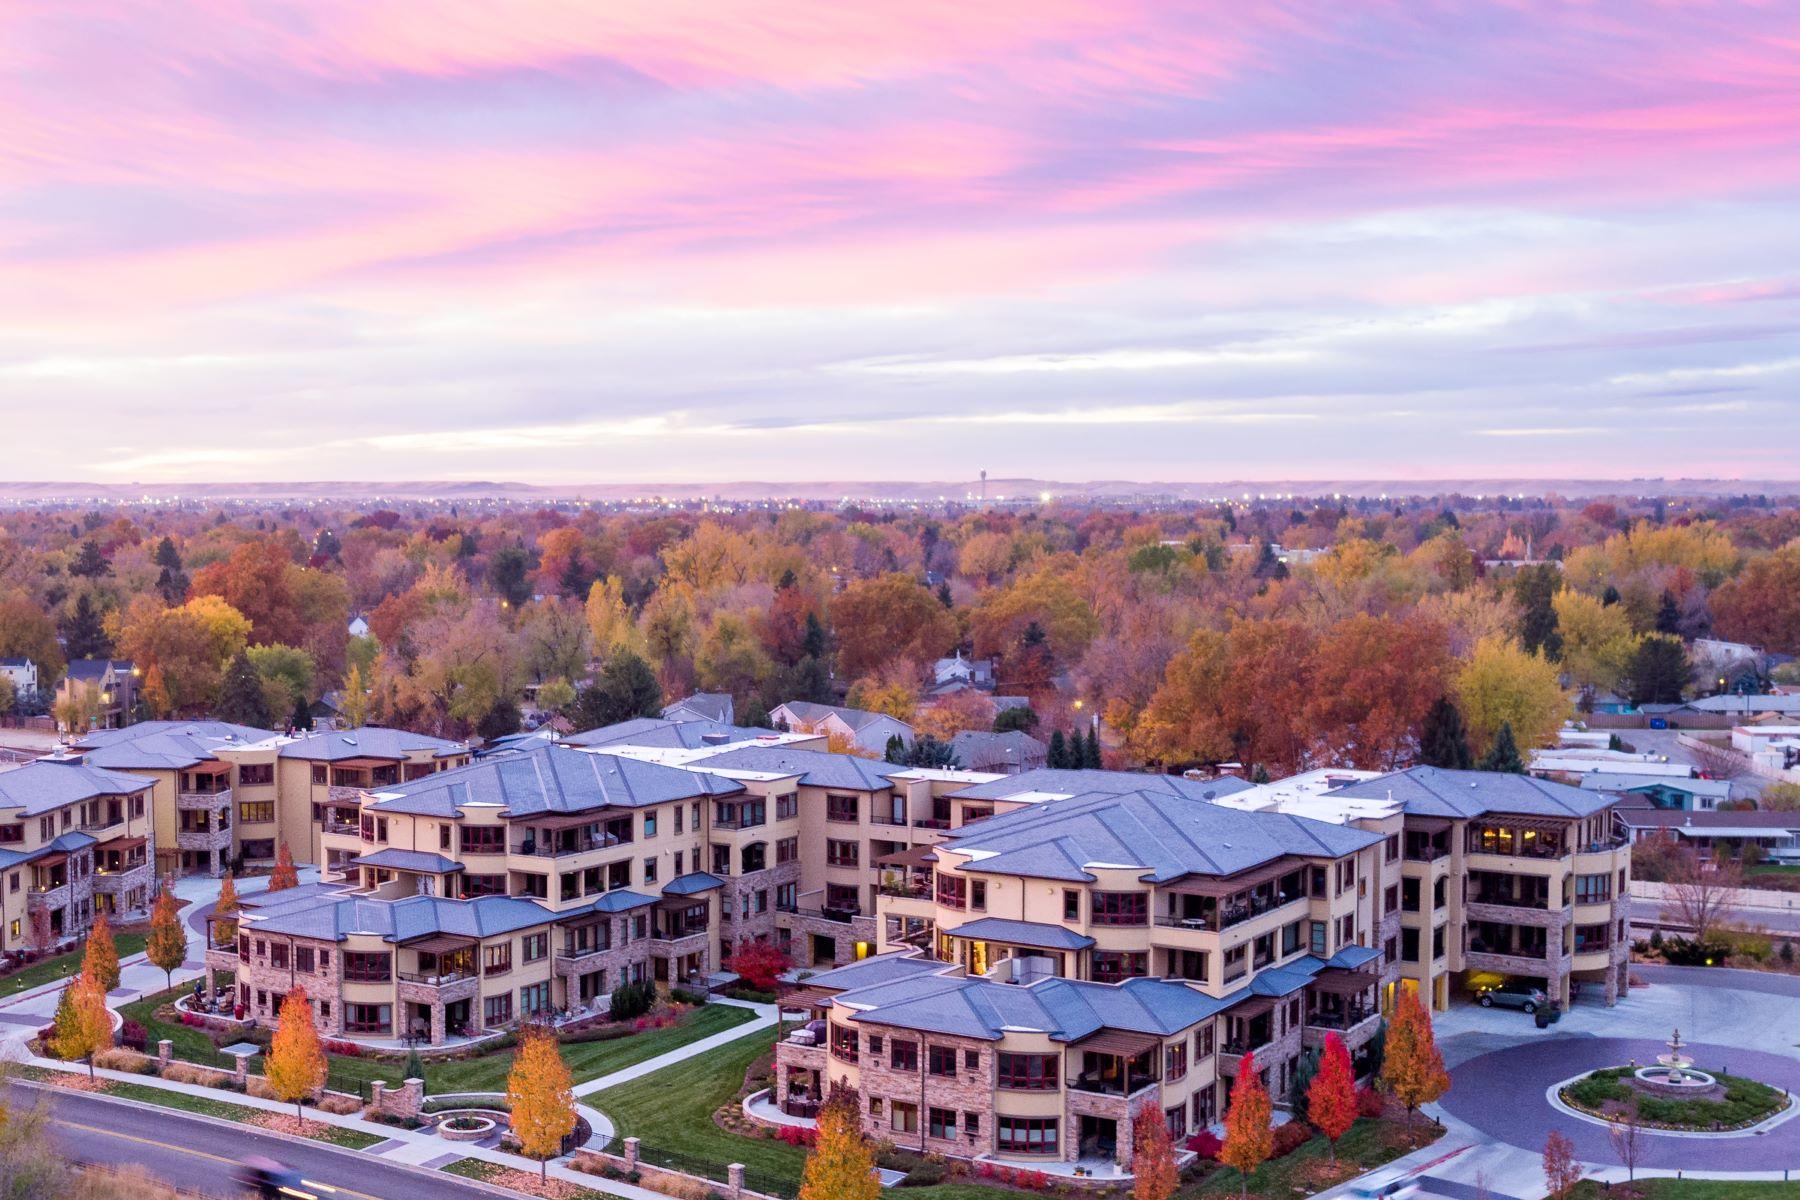 Condominium for Sale at 2967 Crescent Rim Dr #304 304, Boise 2967 W Crescent Rim Dr #304 304 Boise, Idaho 83706 United States